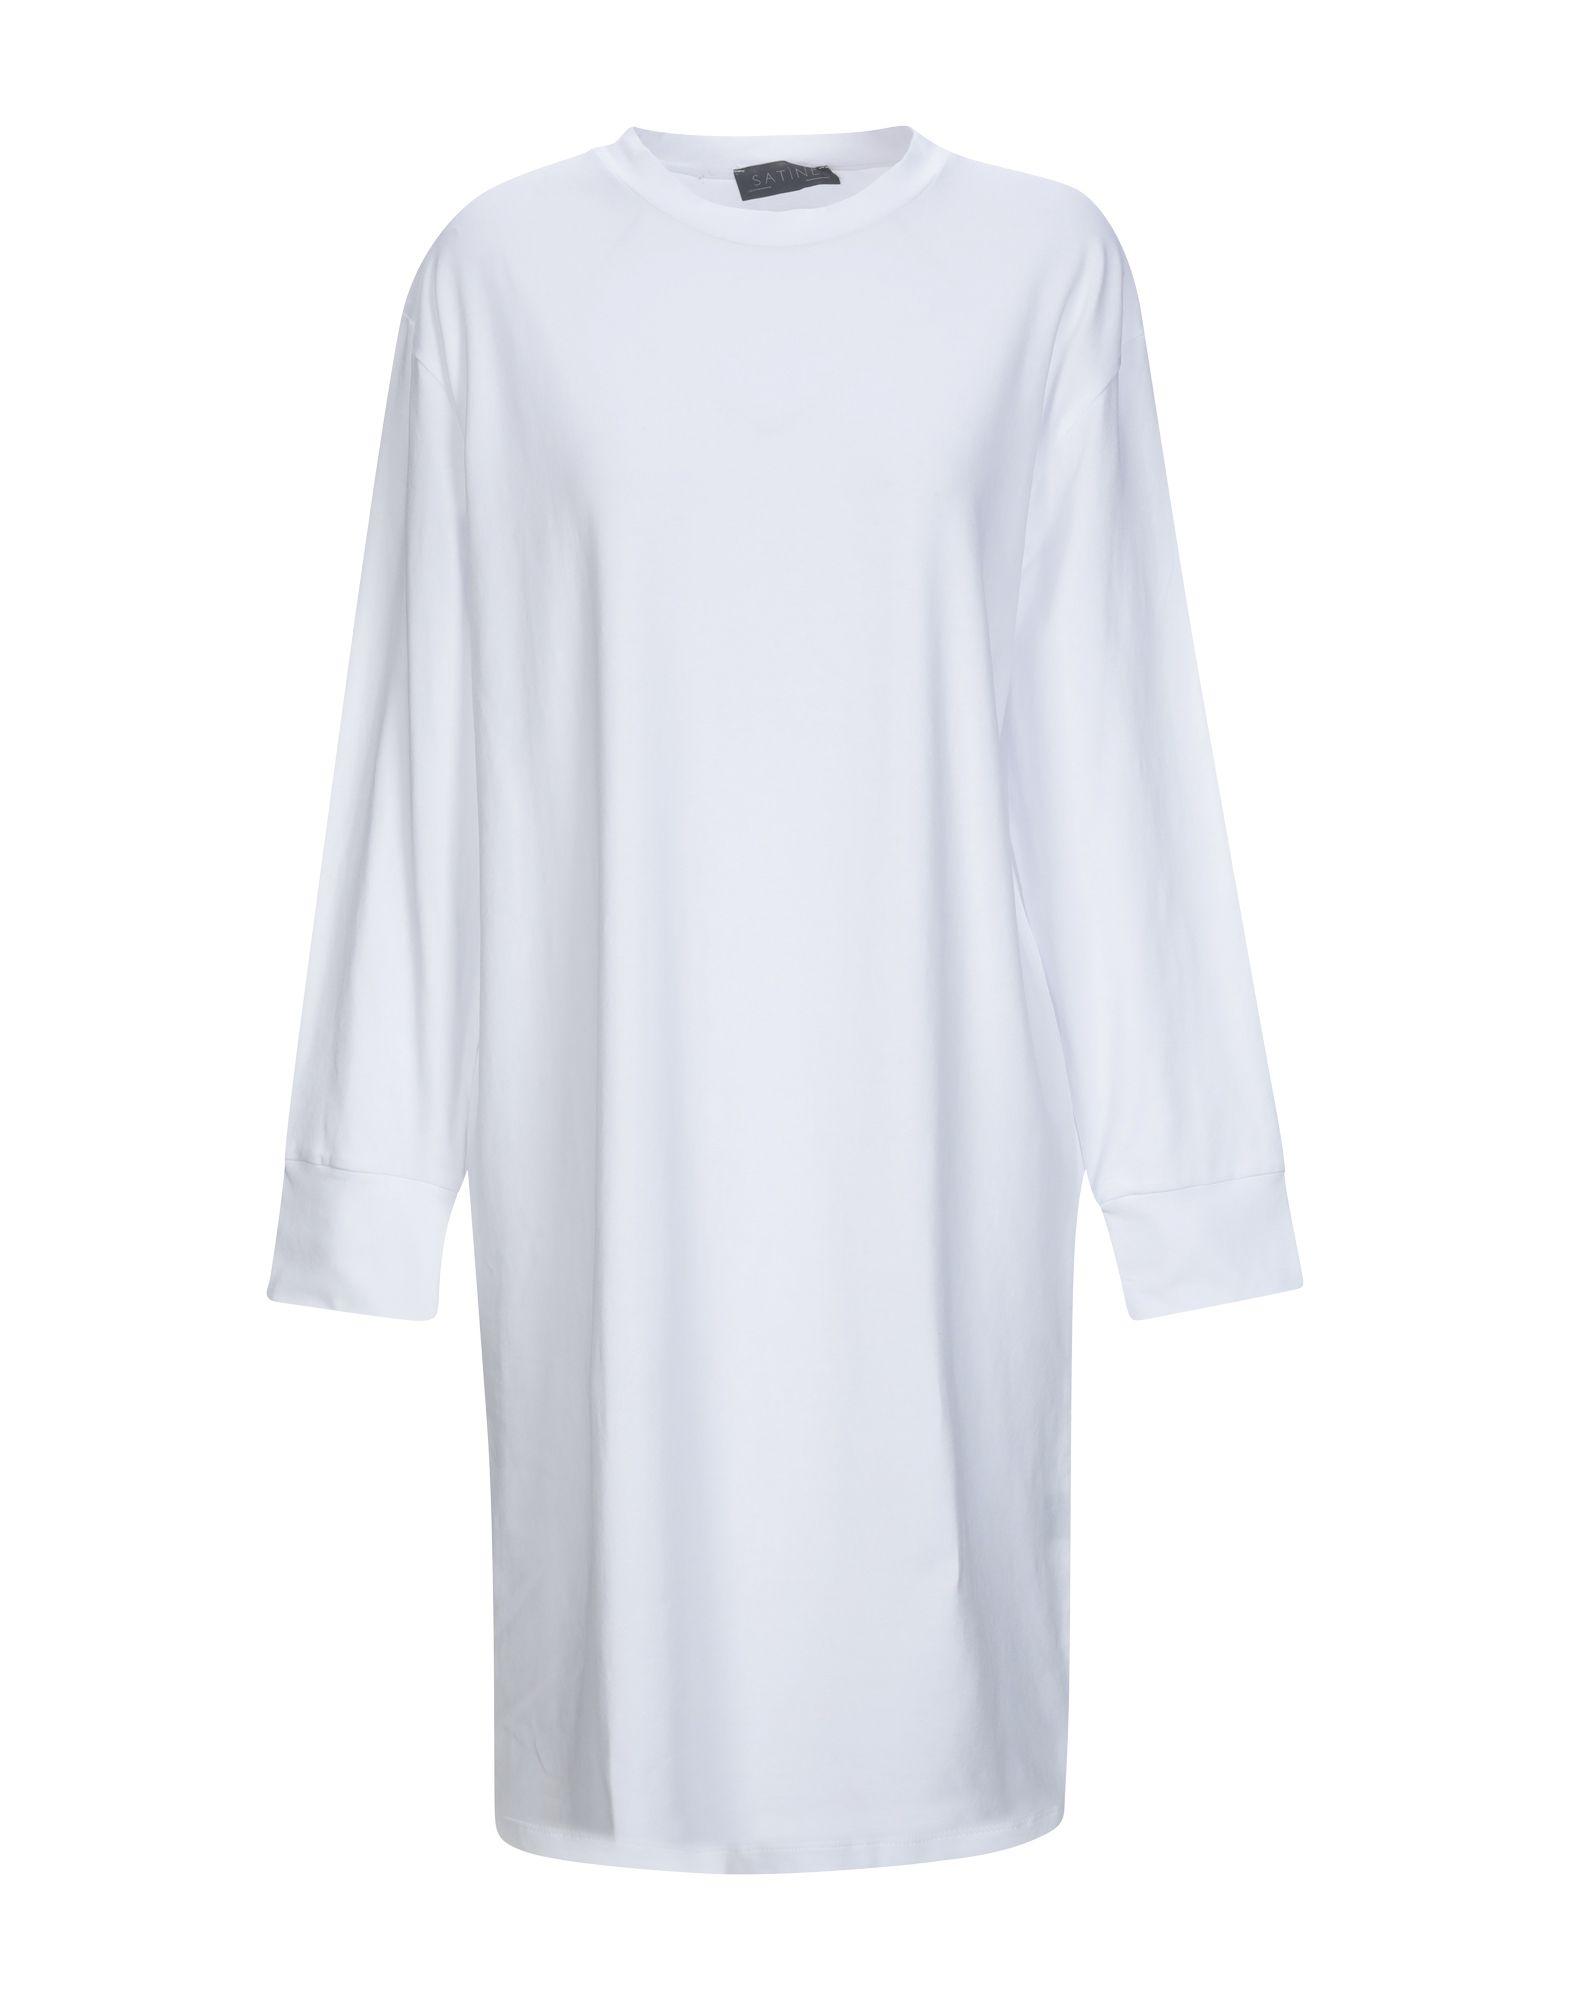 купить SATÌNE Платье до колена по цене 3750 рублей